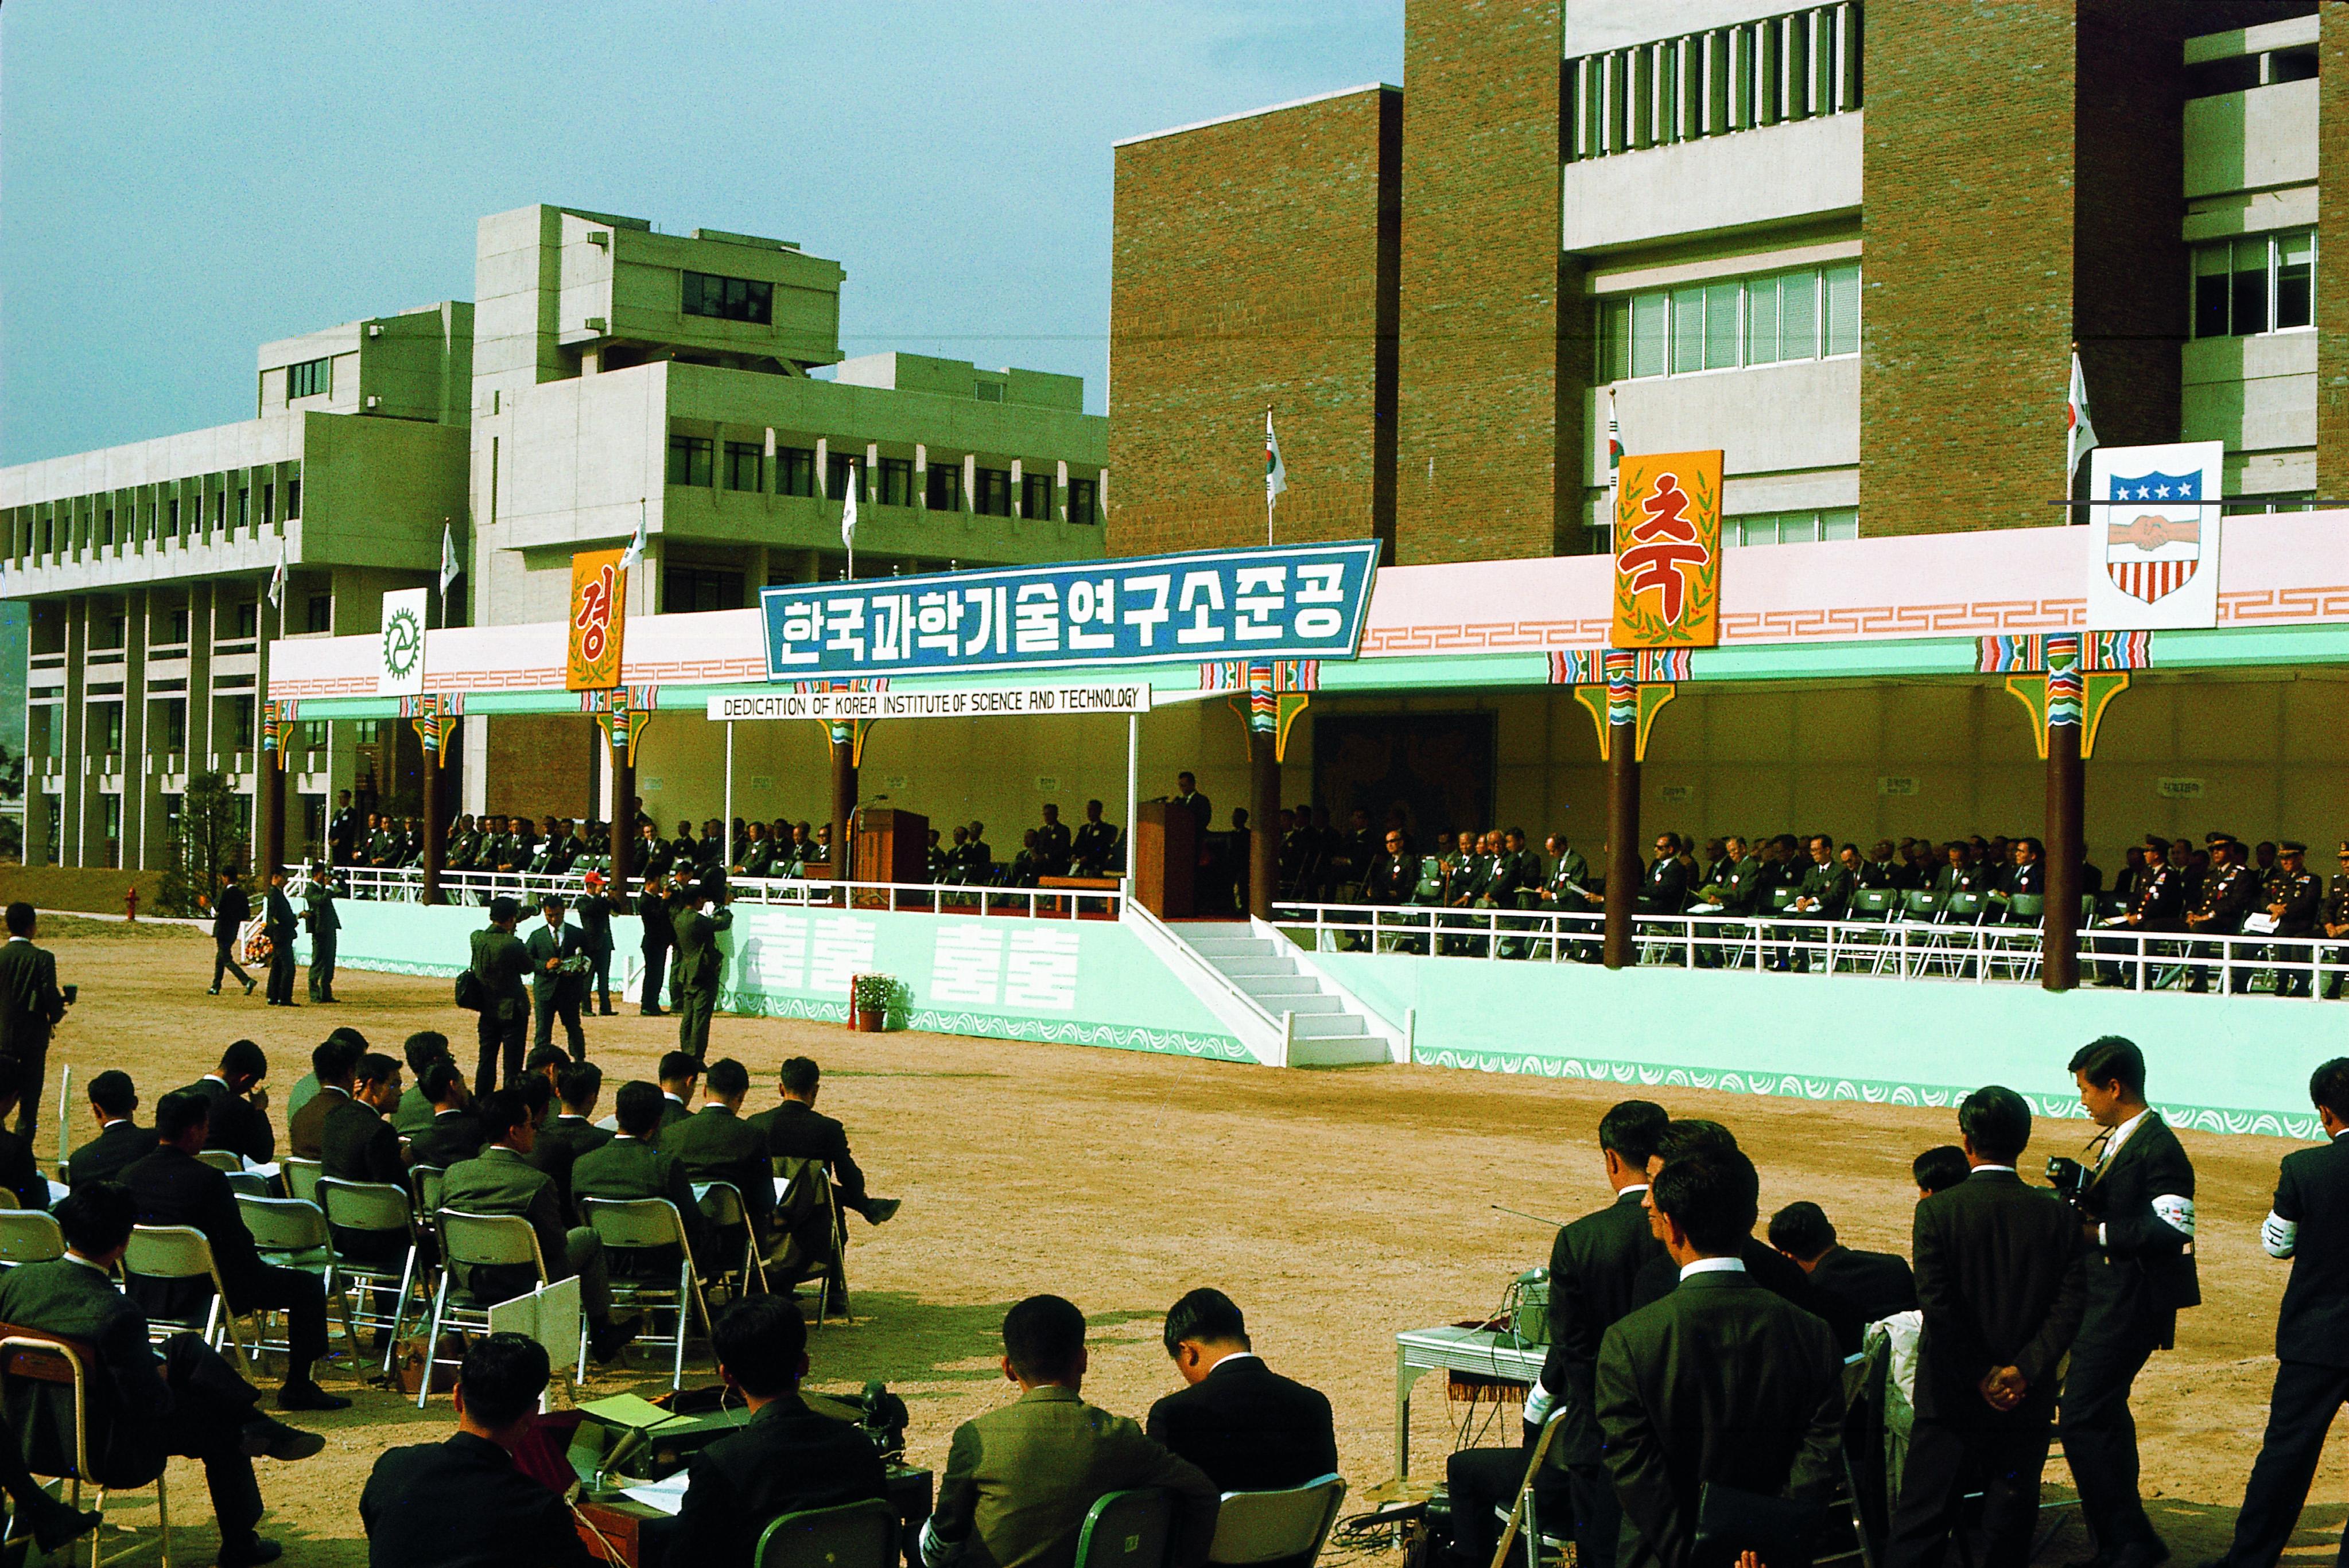 한국과학기술연구소는 1969년 준공됐다. 1966년 최형섭 박사가 소장으로 임명돼 설립을 준비하기 시작한지 약 3년 만이다. KIST